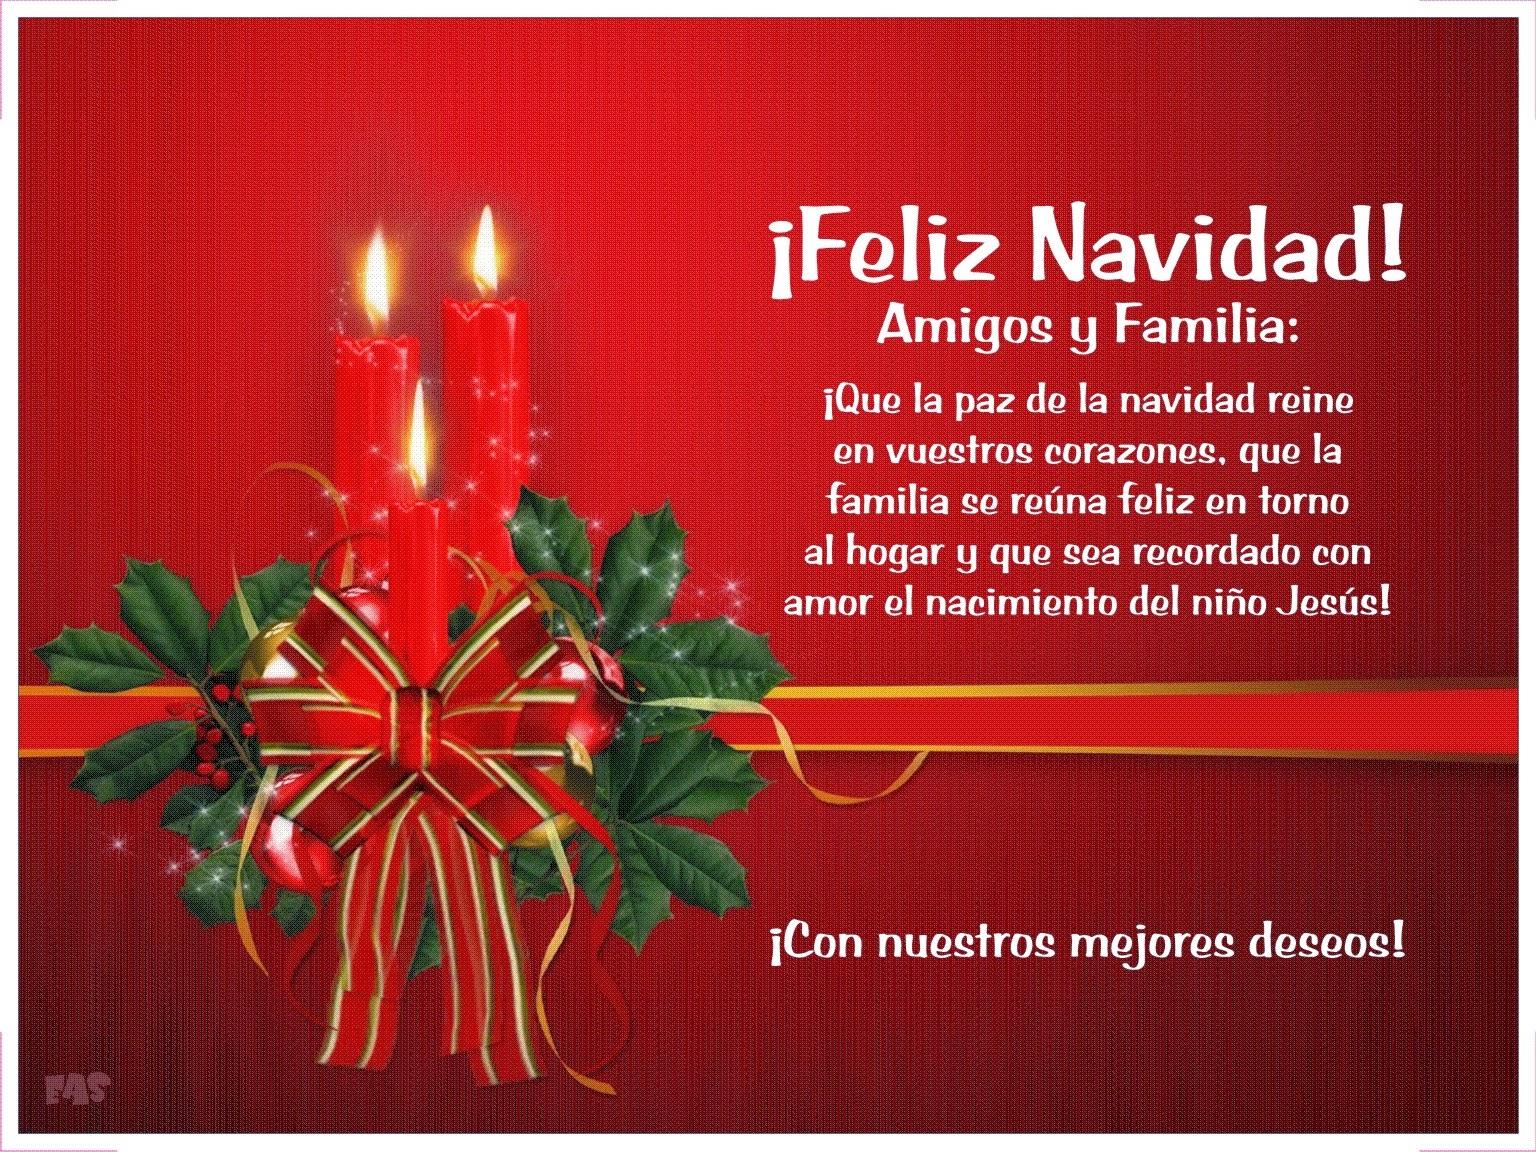 Postales y tarjetas de feliz navidad con imgenes bonitas Imagenes